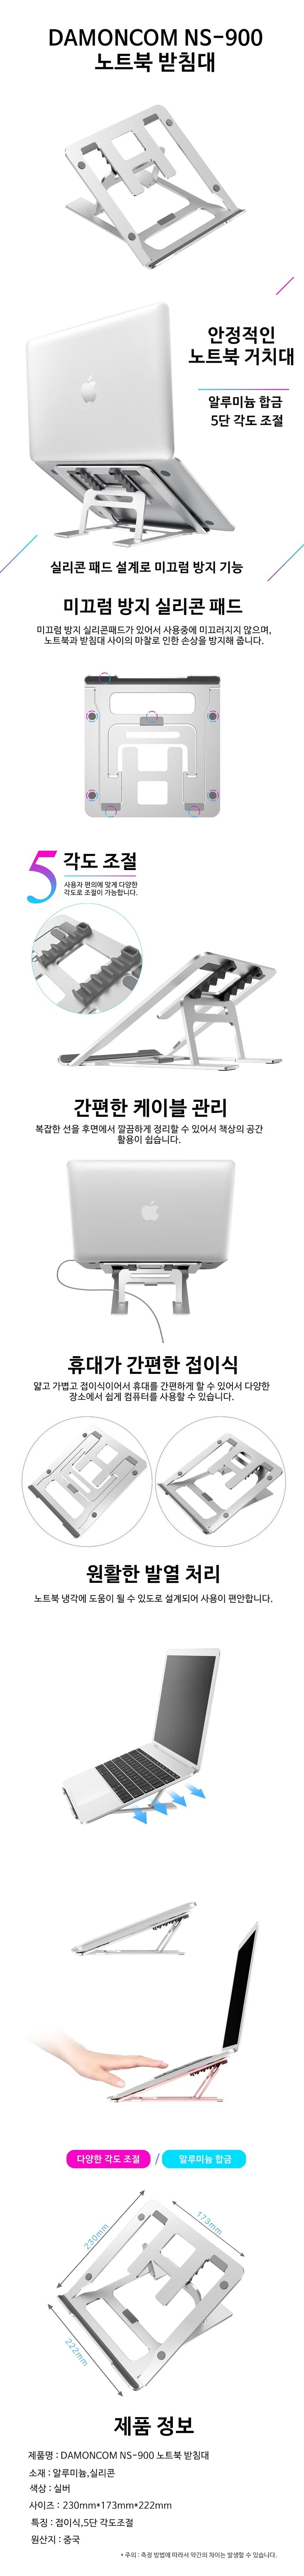 DAMONCOM  NS-900 노트북 받침대